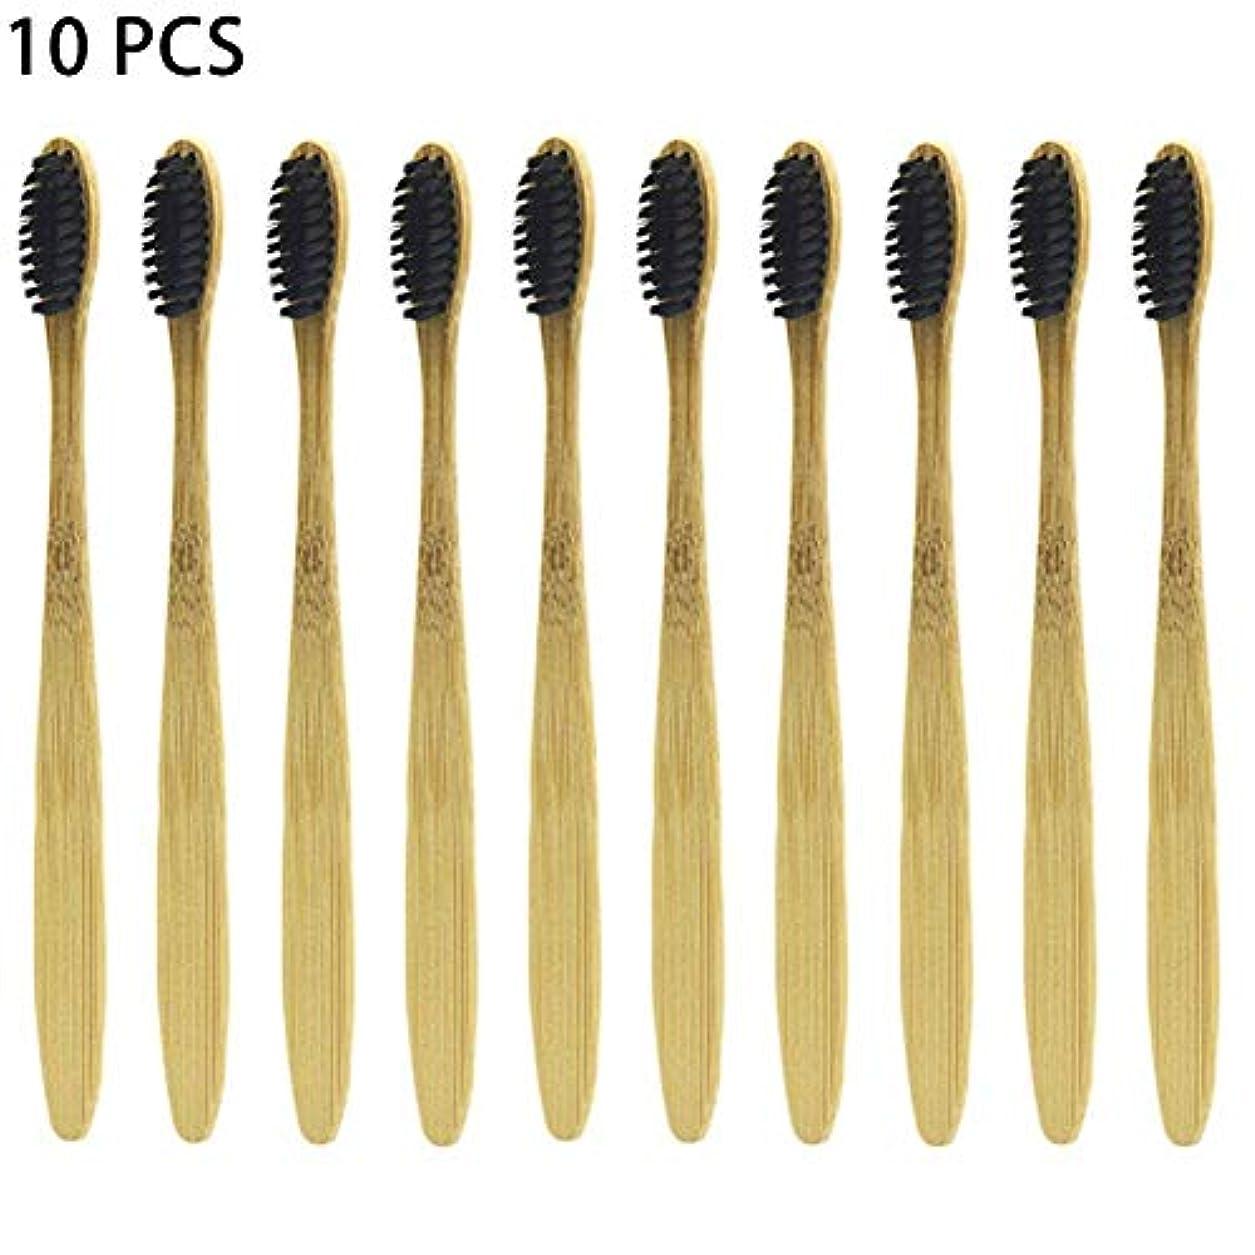 思春期のの中で不利益Ragem 竹の歯ブラシ 歯ブラシ 柔らかい 環境保護 10本